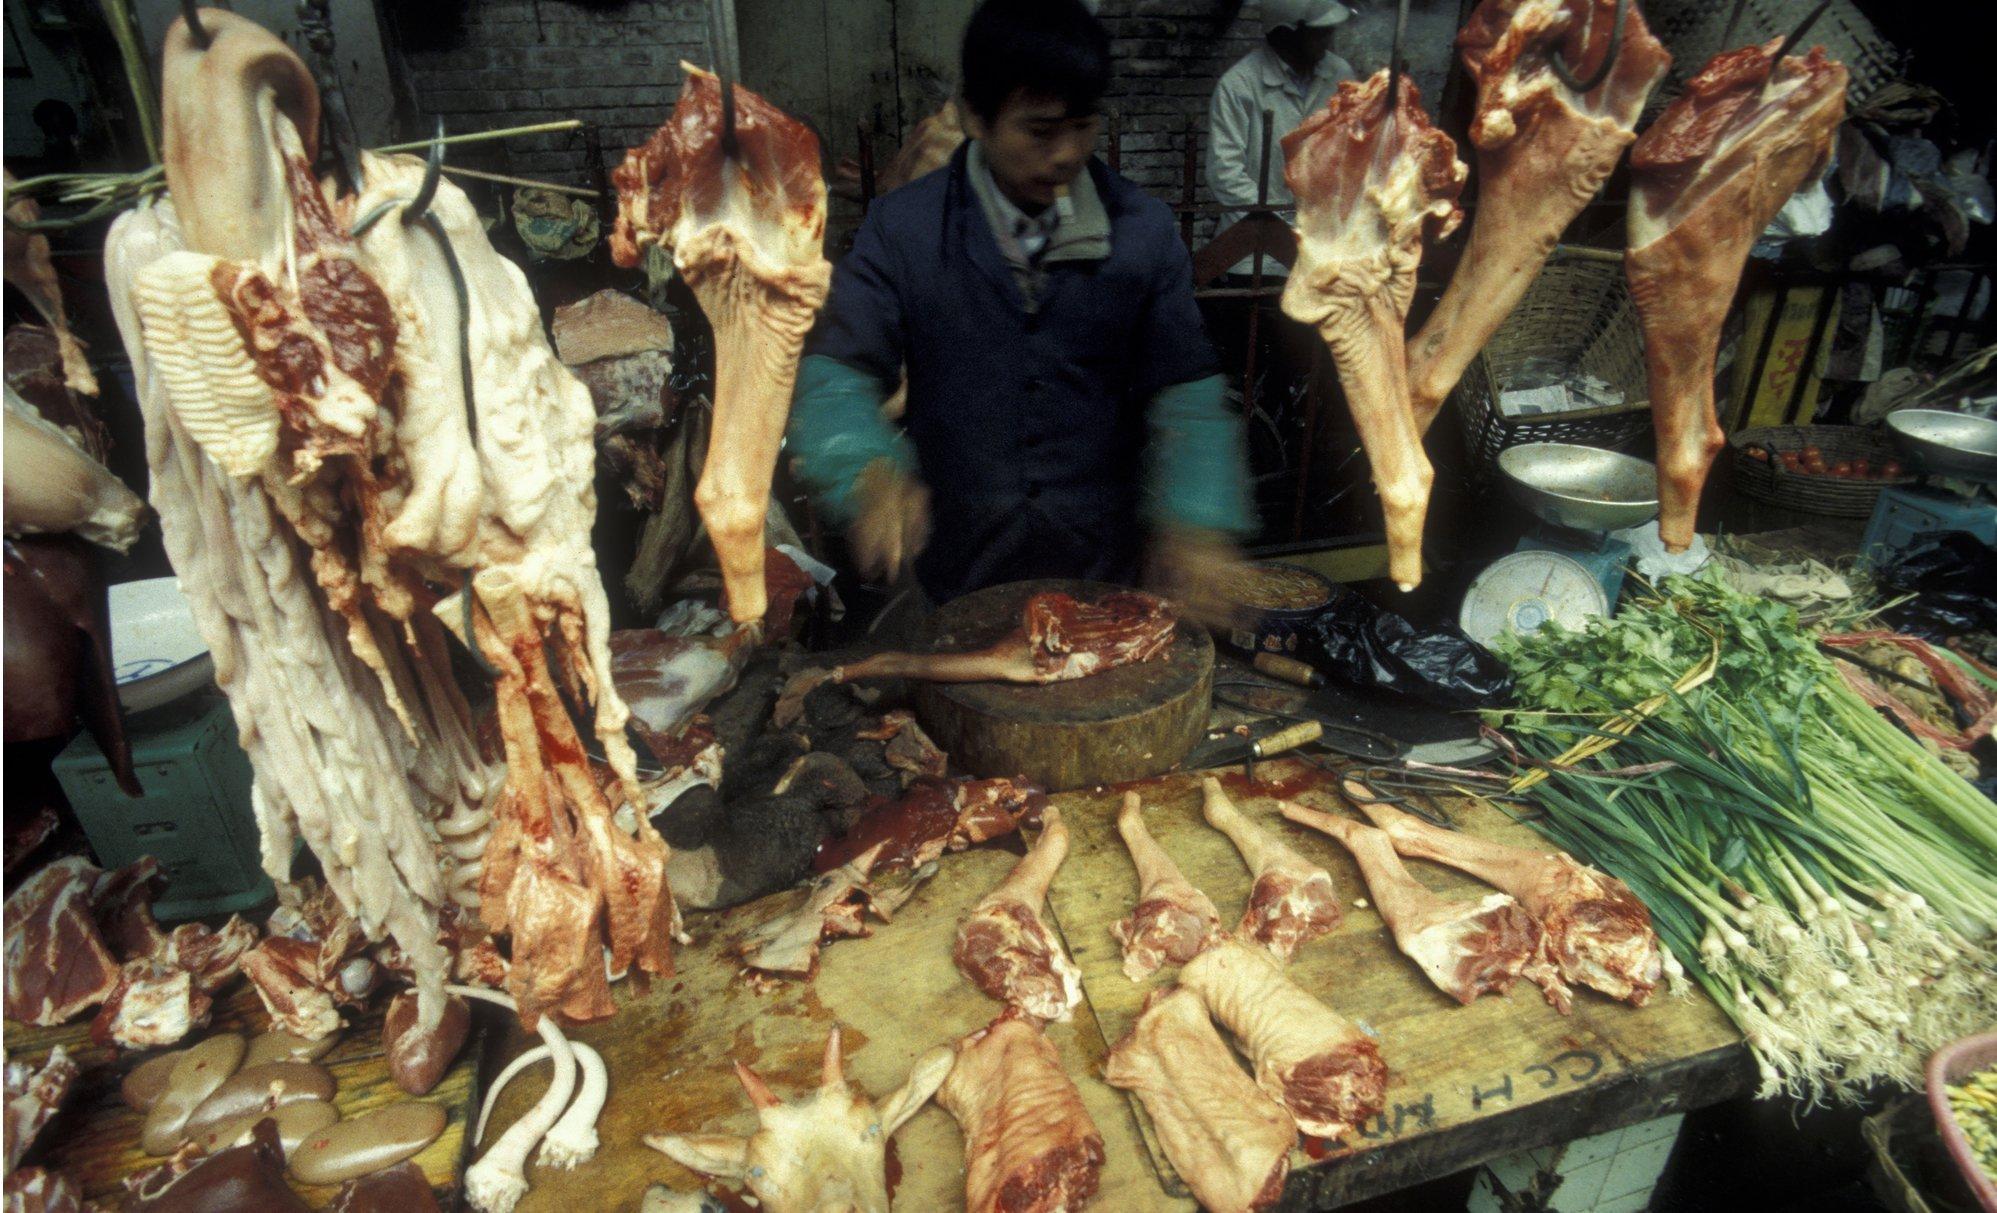 Ein Händler steht hinter seiner Theke auf dem  Fleischmarkt in der  Stadt Guangzhou. Vor ihm liegen viele Fleischstücke.